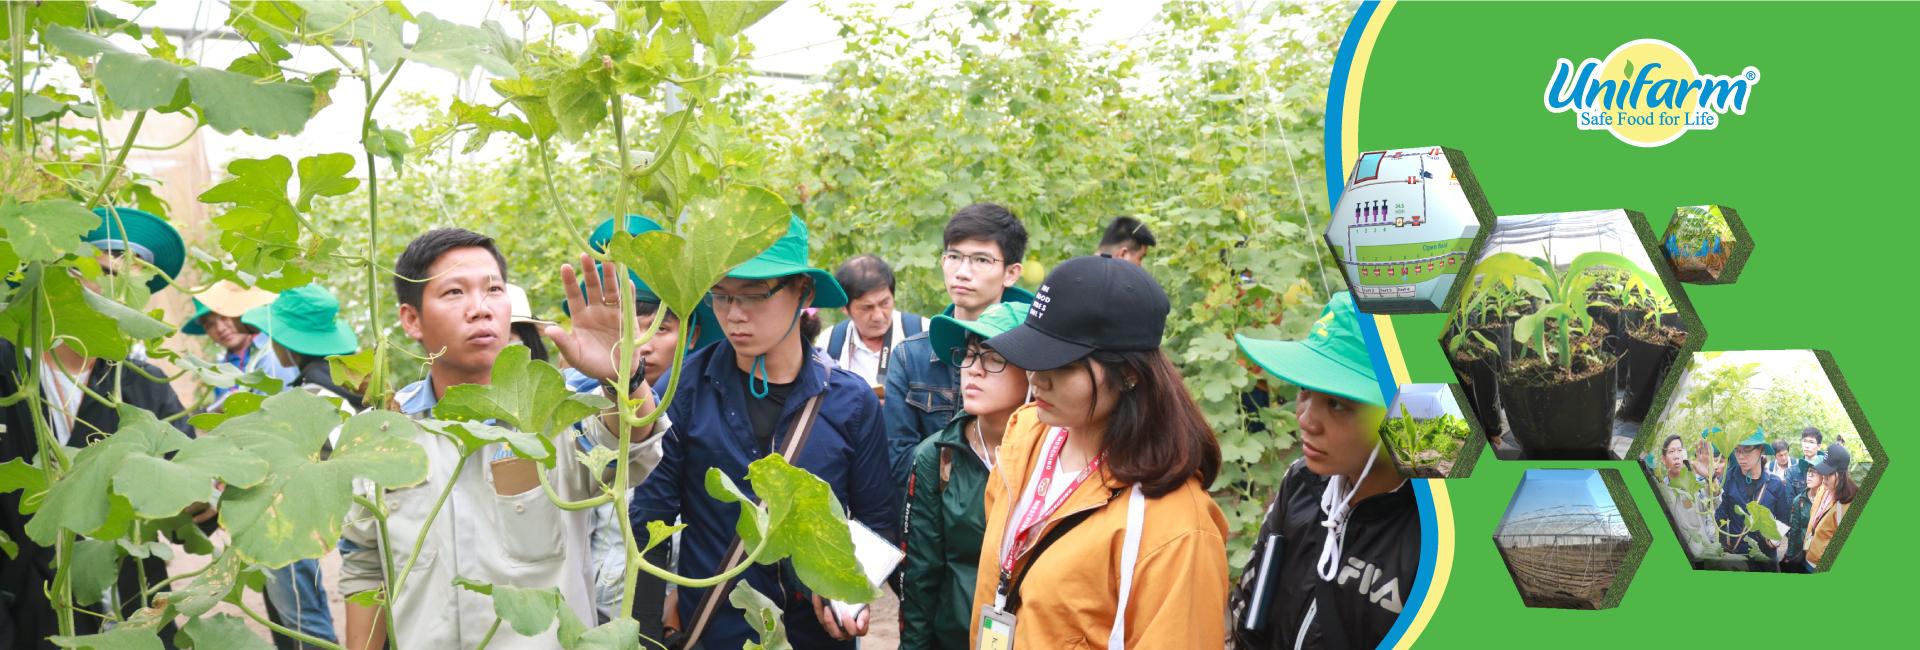 Unifarm hướng dẫn sinh viên tham quan nhà kính